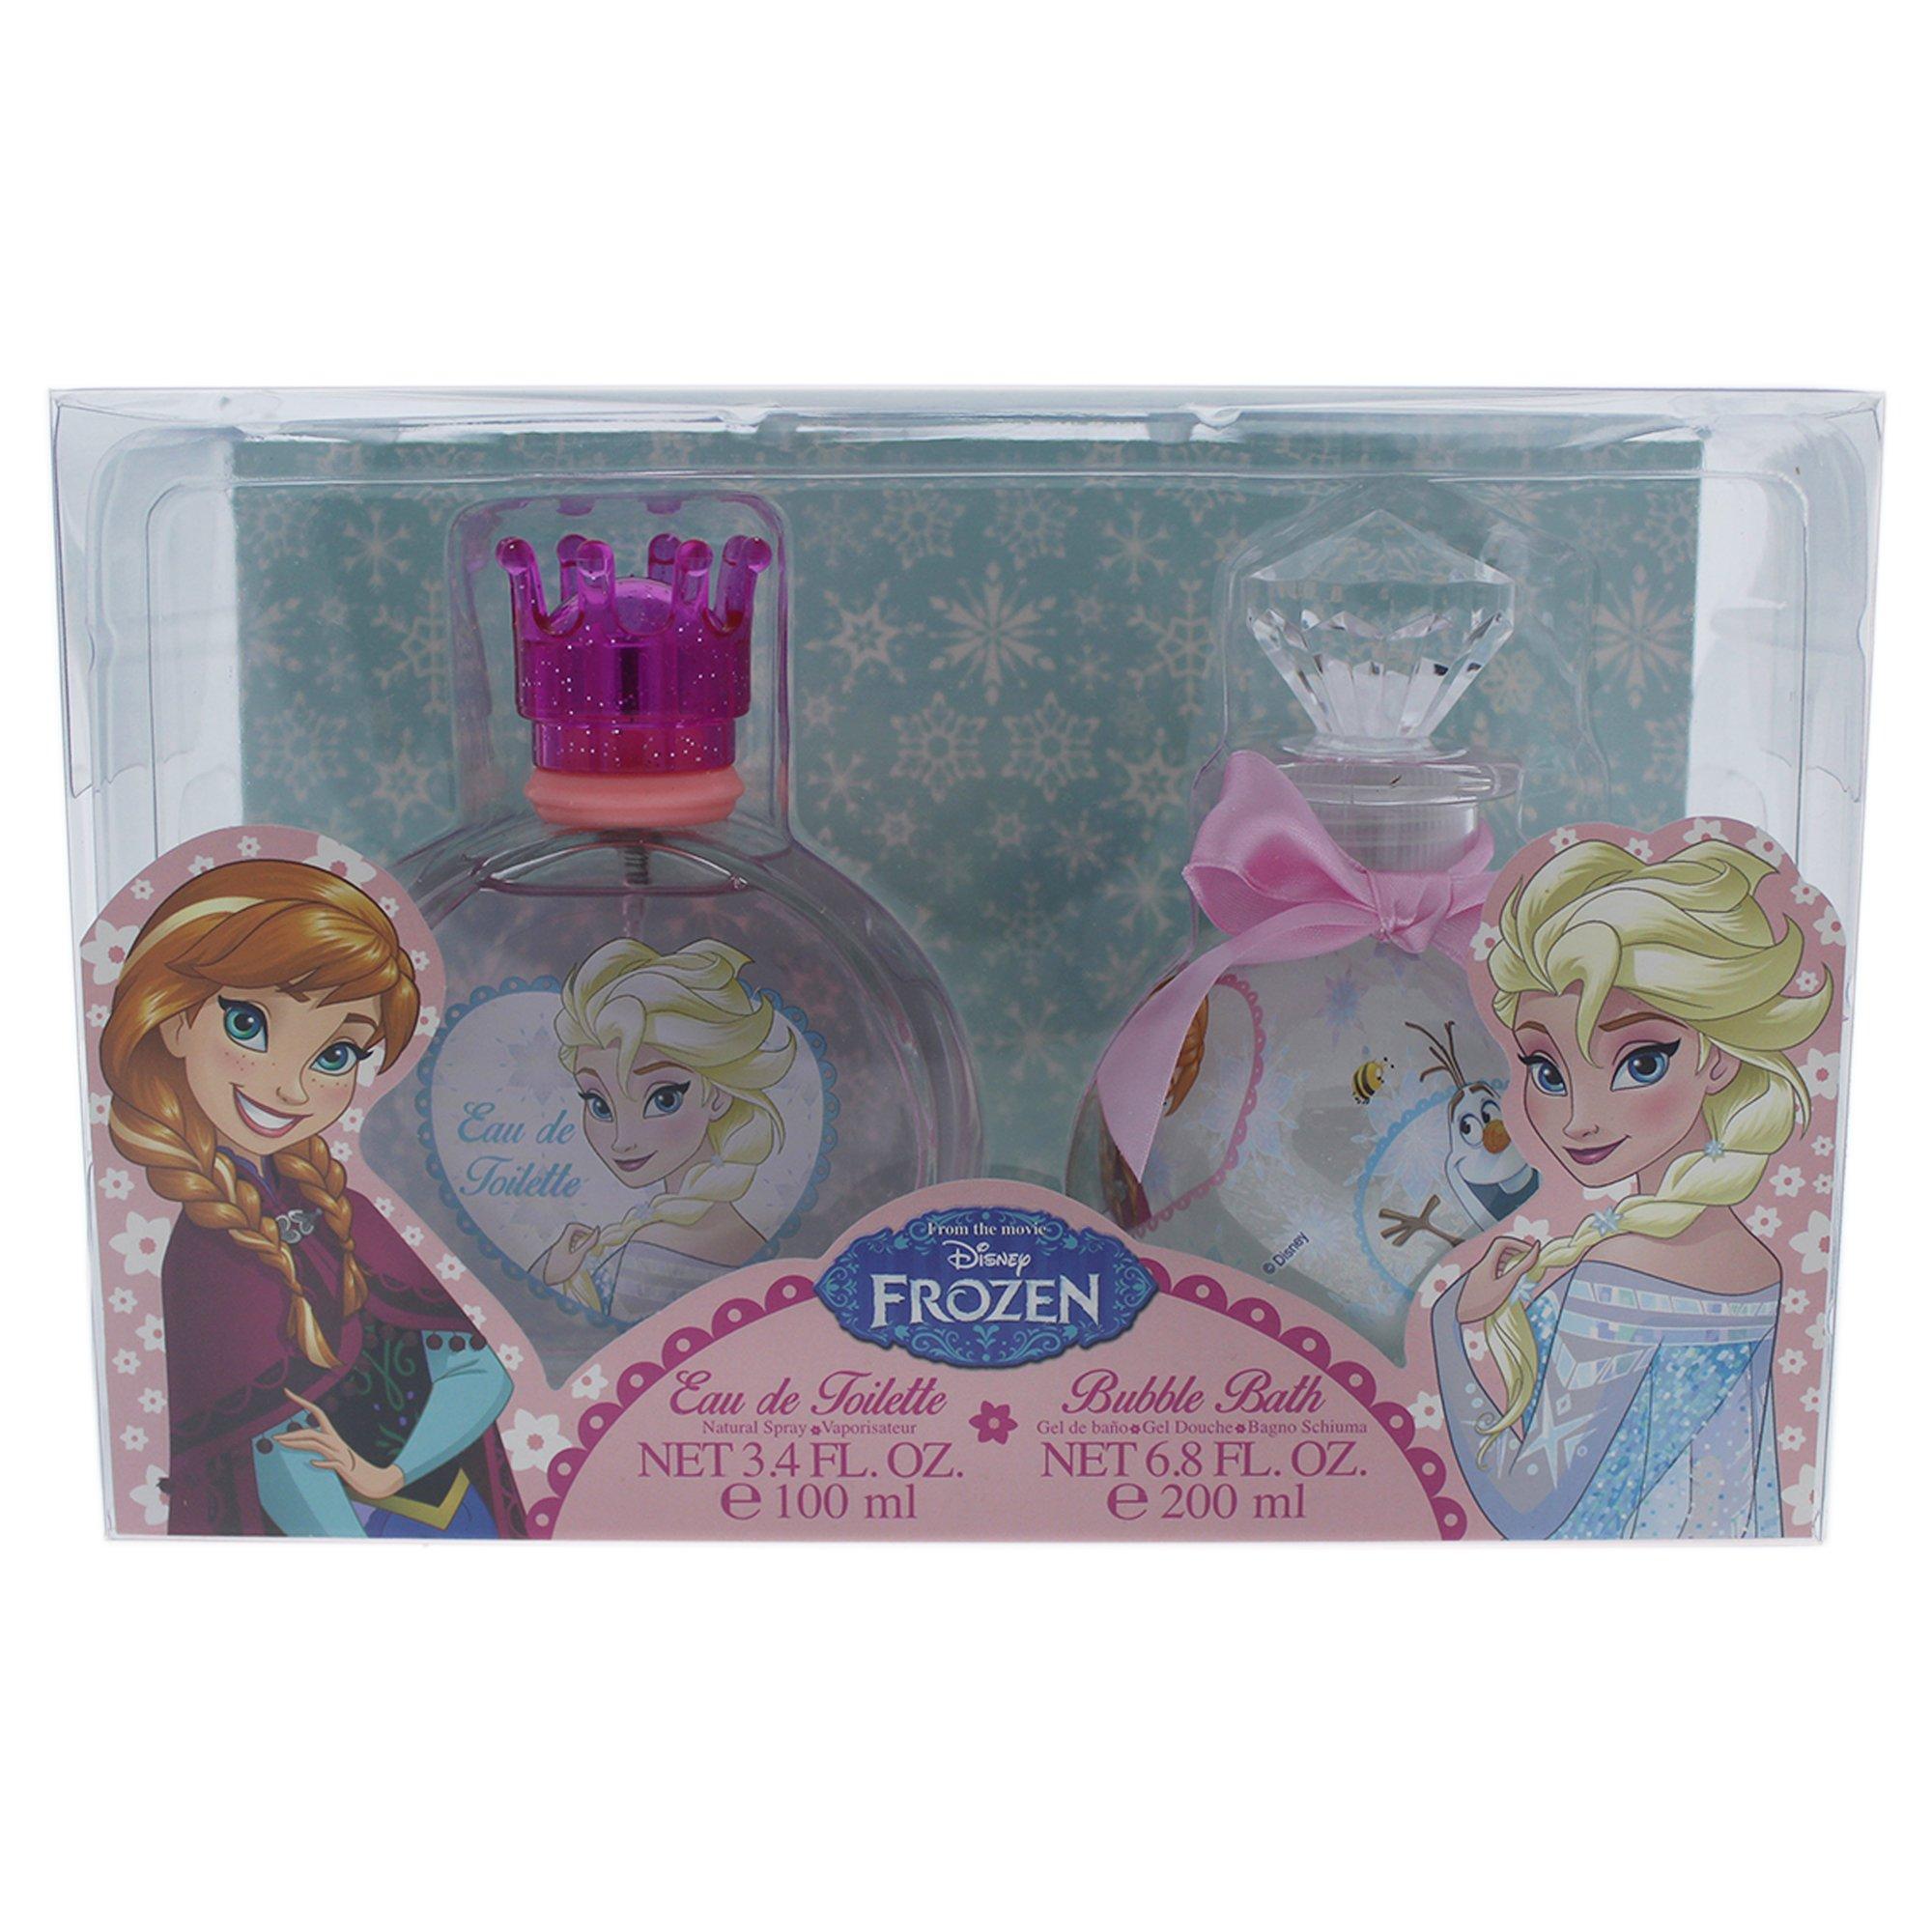 Frozen Reine des Neiges Coffret pour enfant Eau de Toilette 100 ml + Gel Douche 200 ml product image